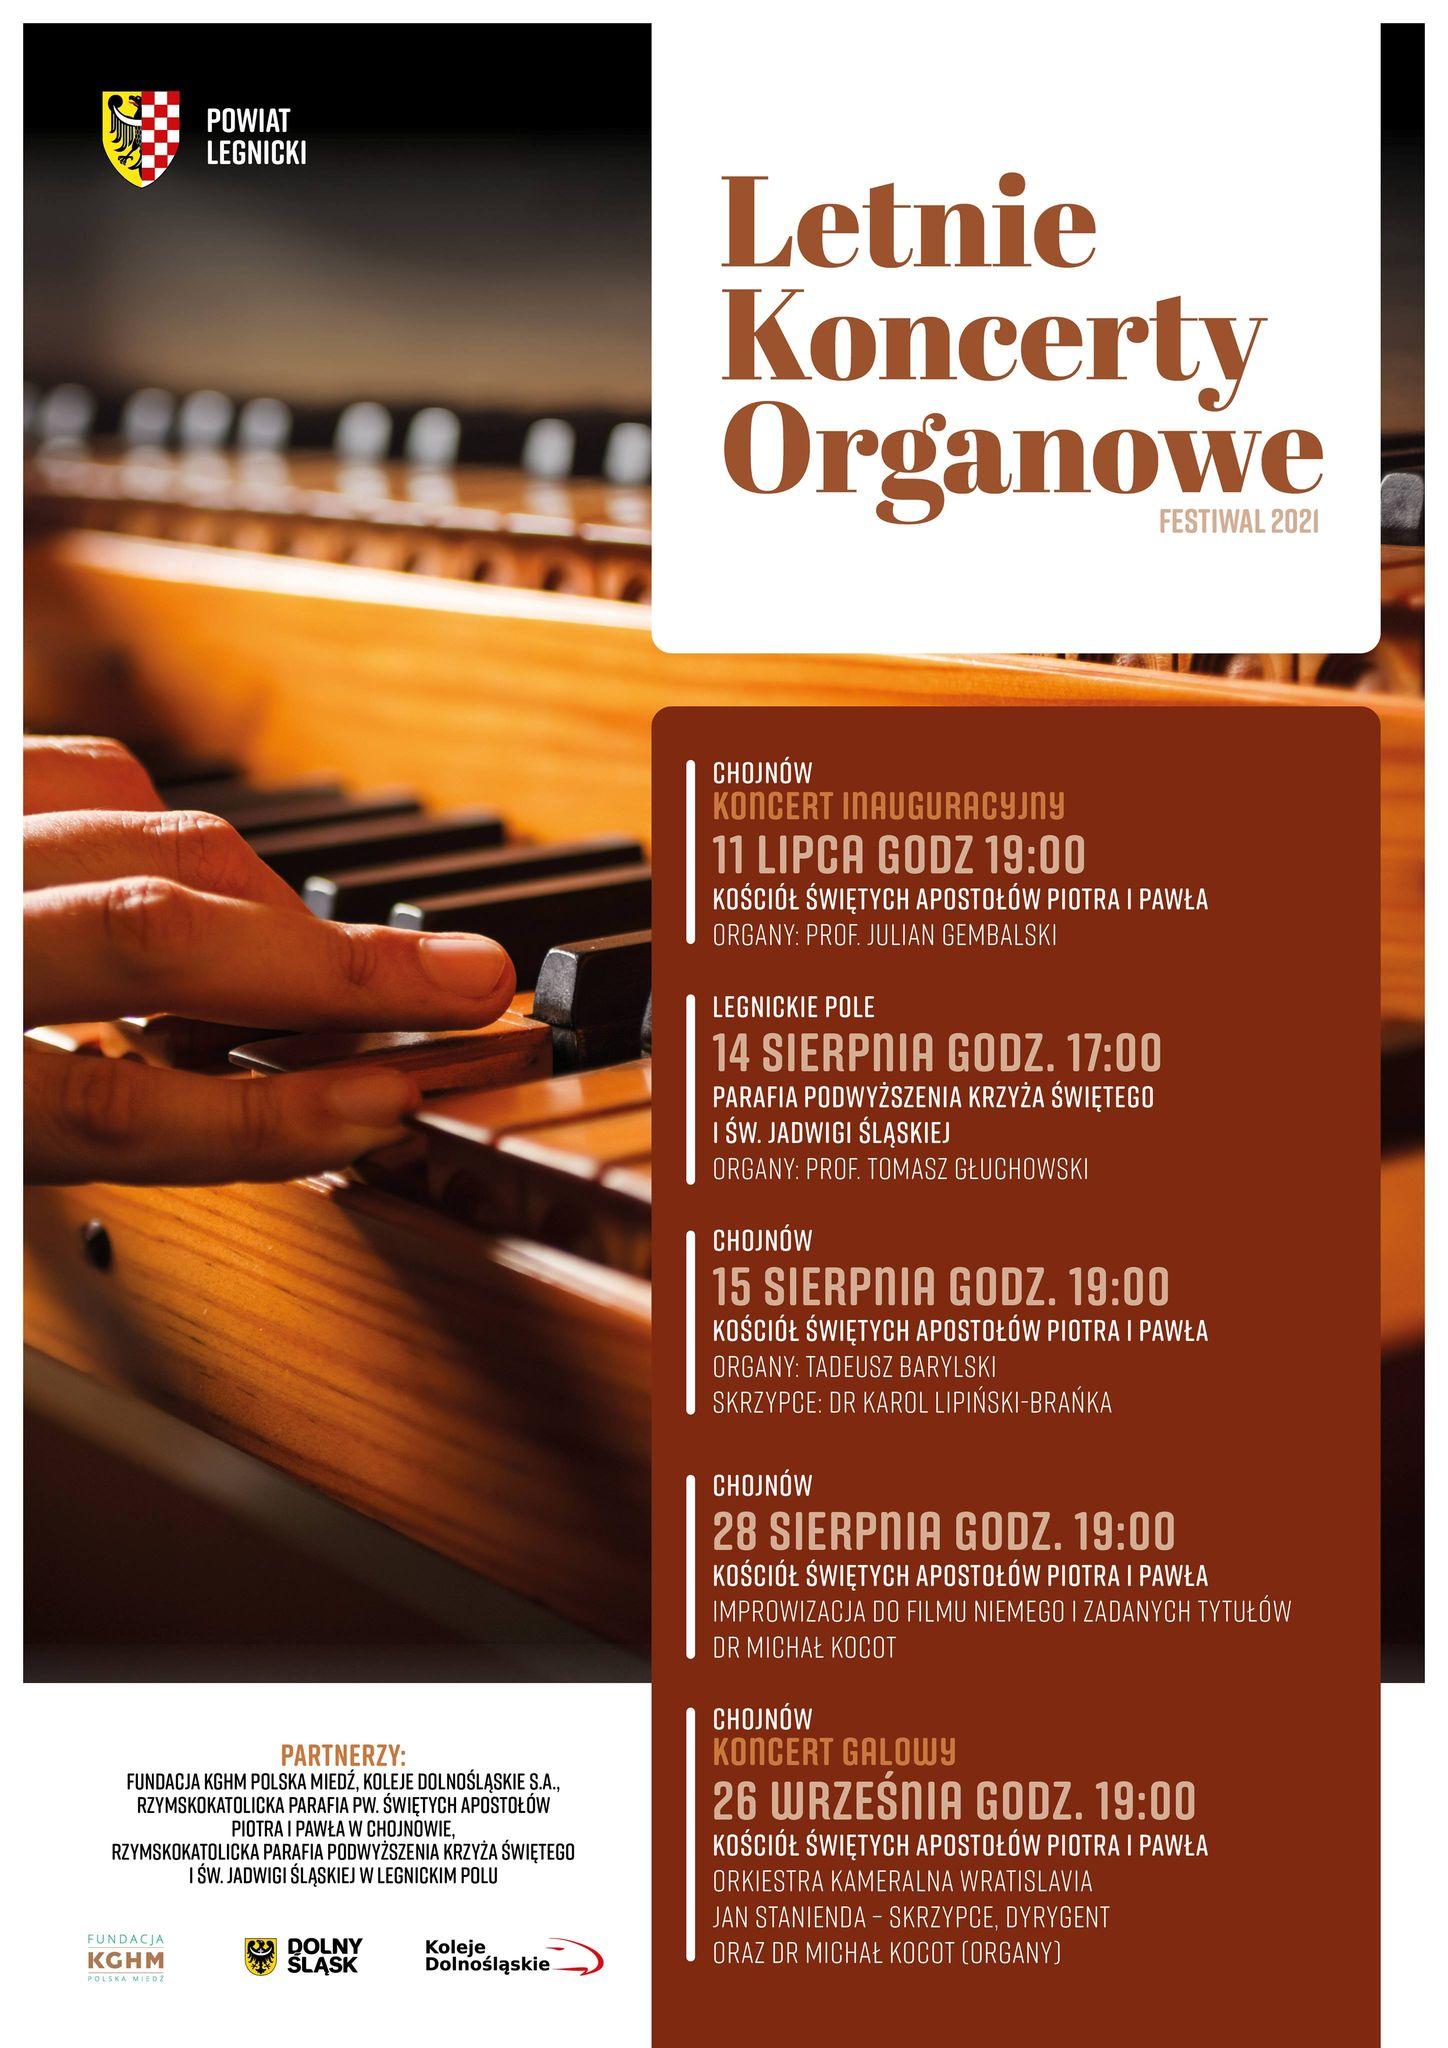 Plakat: Letnie Koncerty Organowe - Festiwal 2021